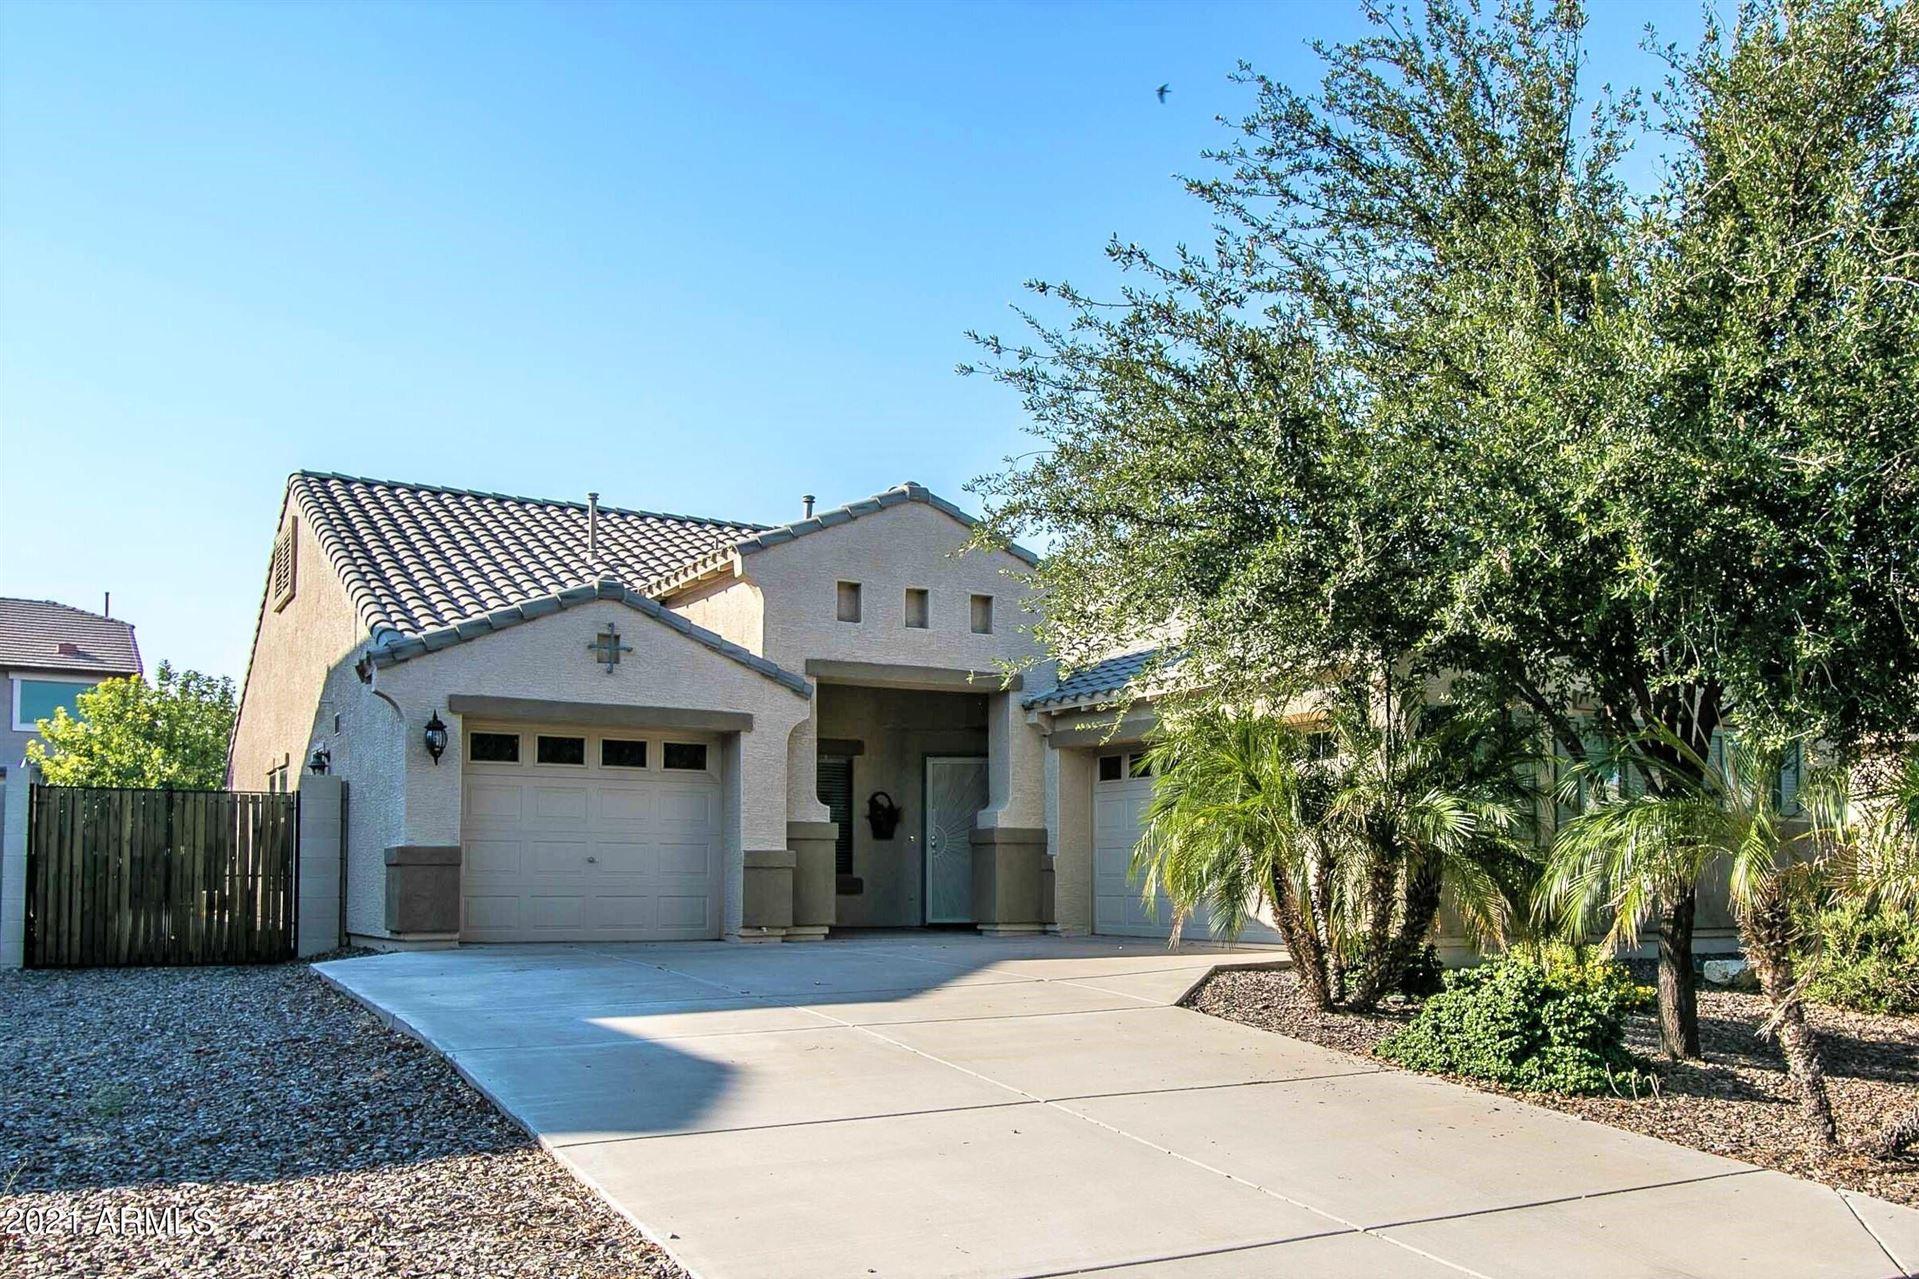 Photo of 1263 W BUSA Drive, San Tan Valley, AZ 85143 (MLS # 6295325)